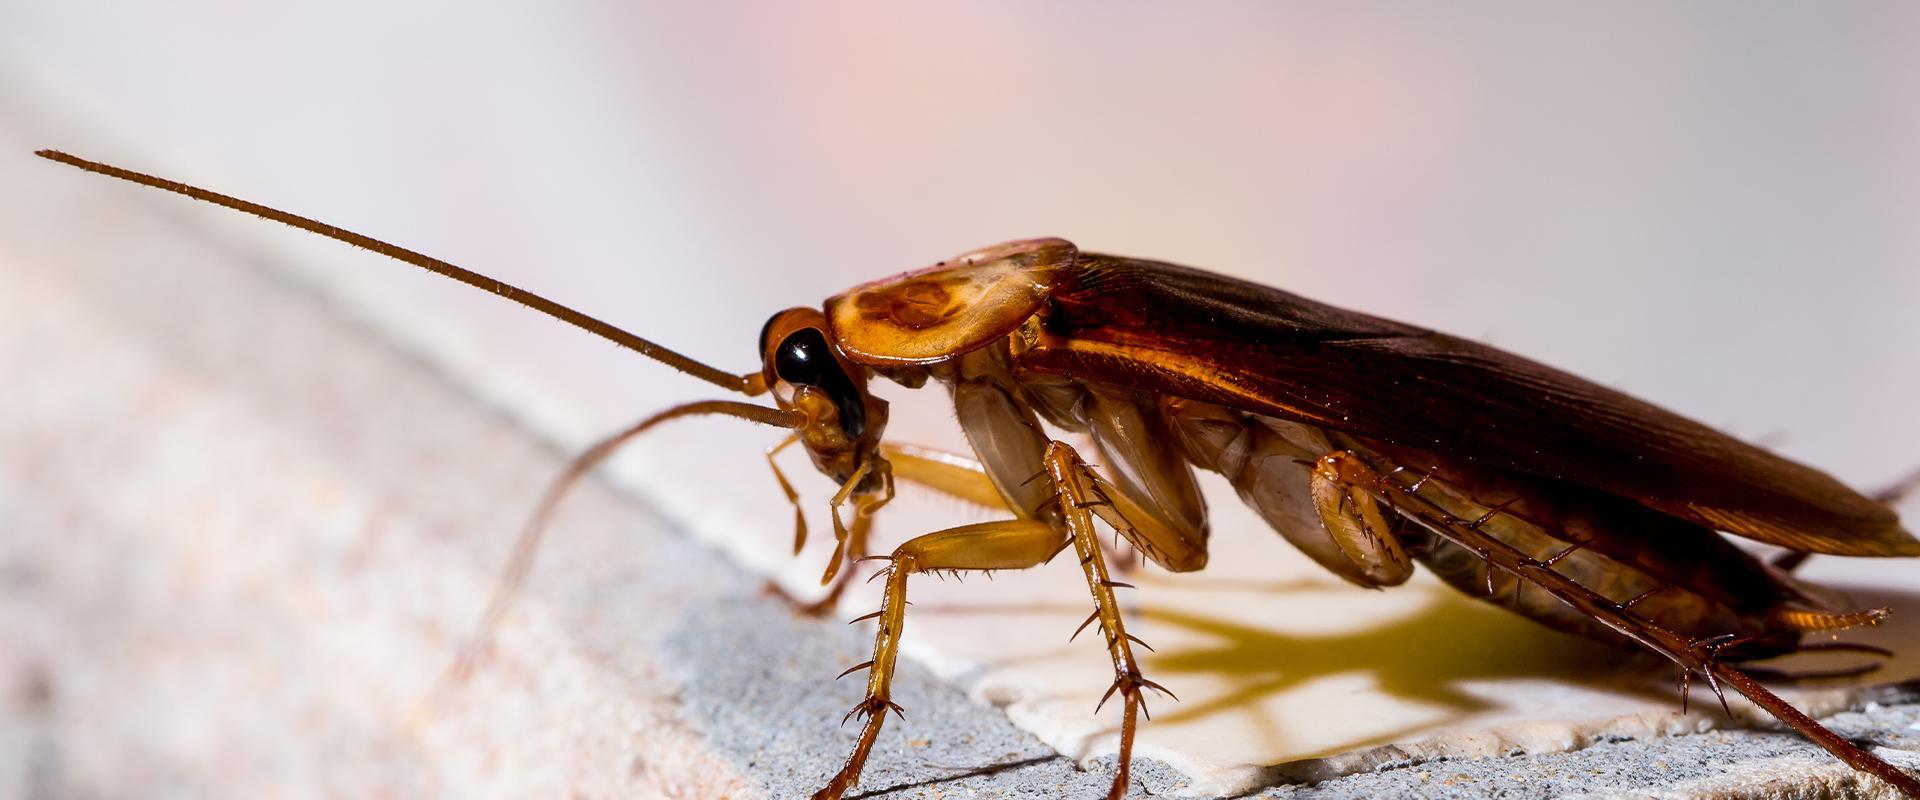 cockroach on tile